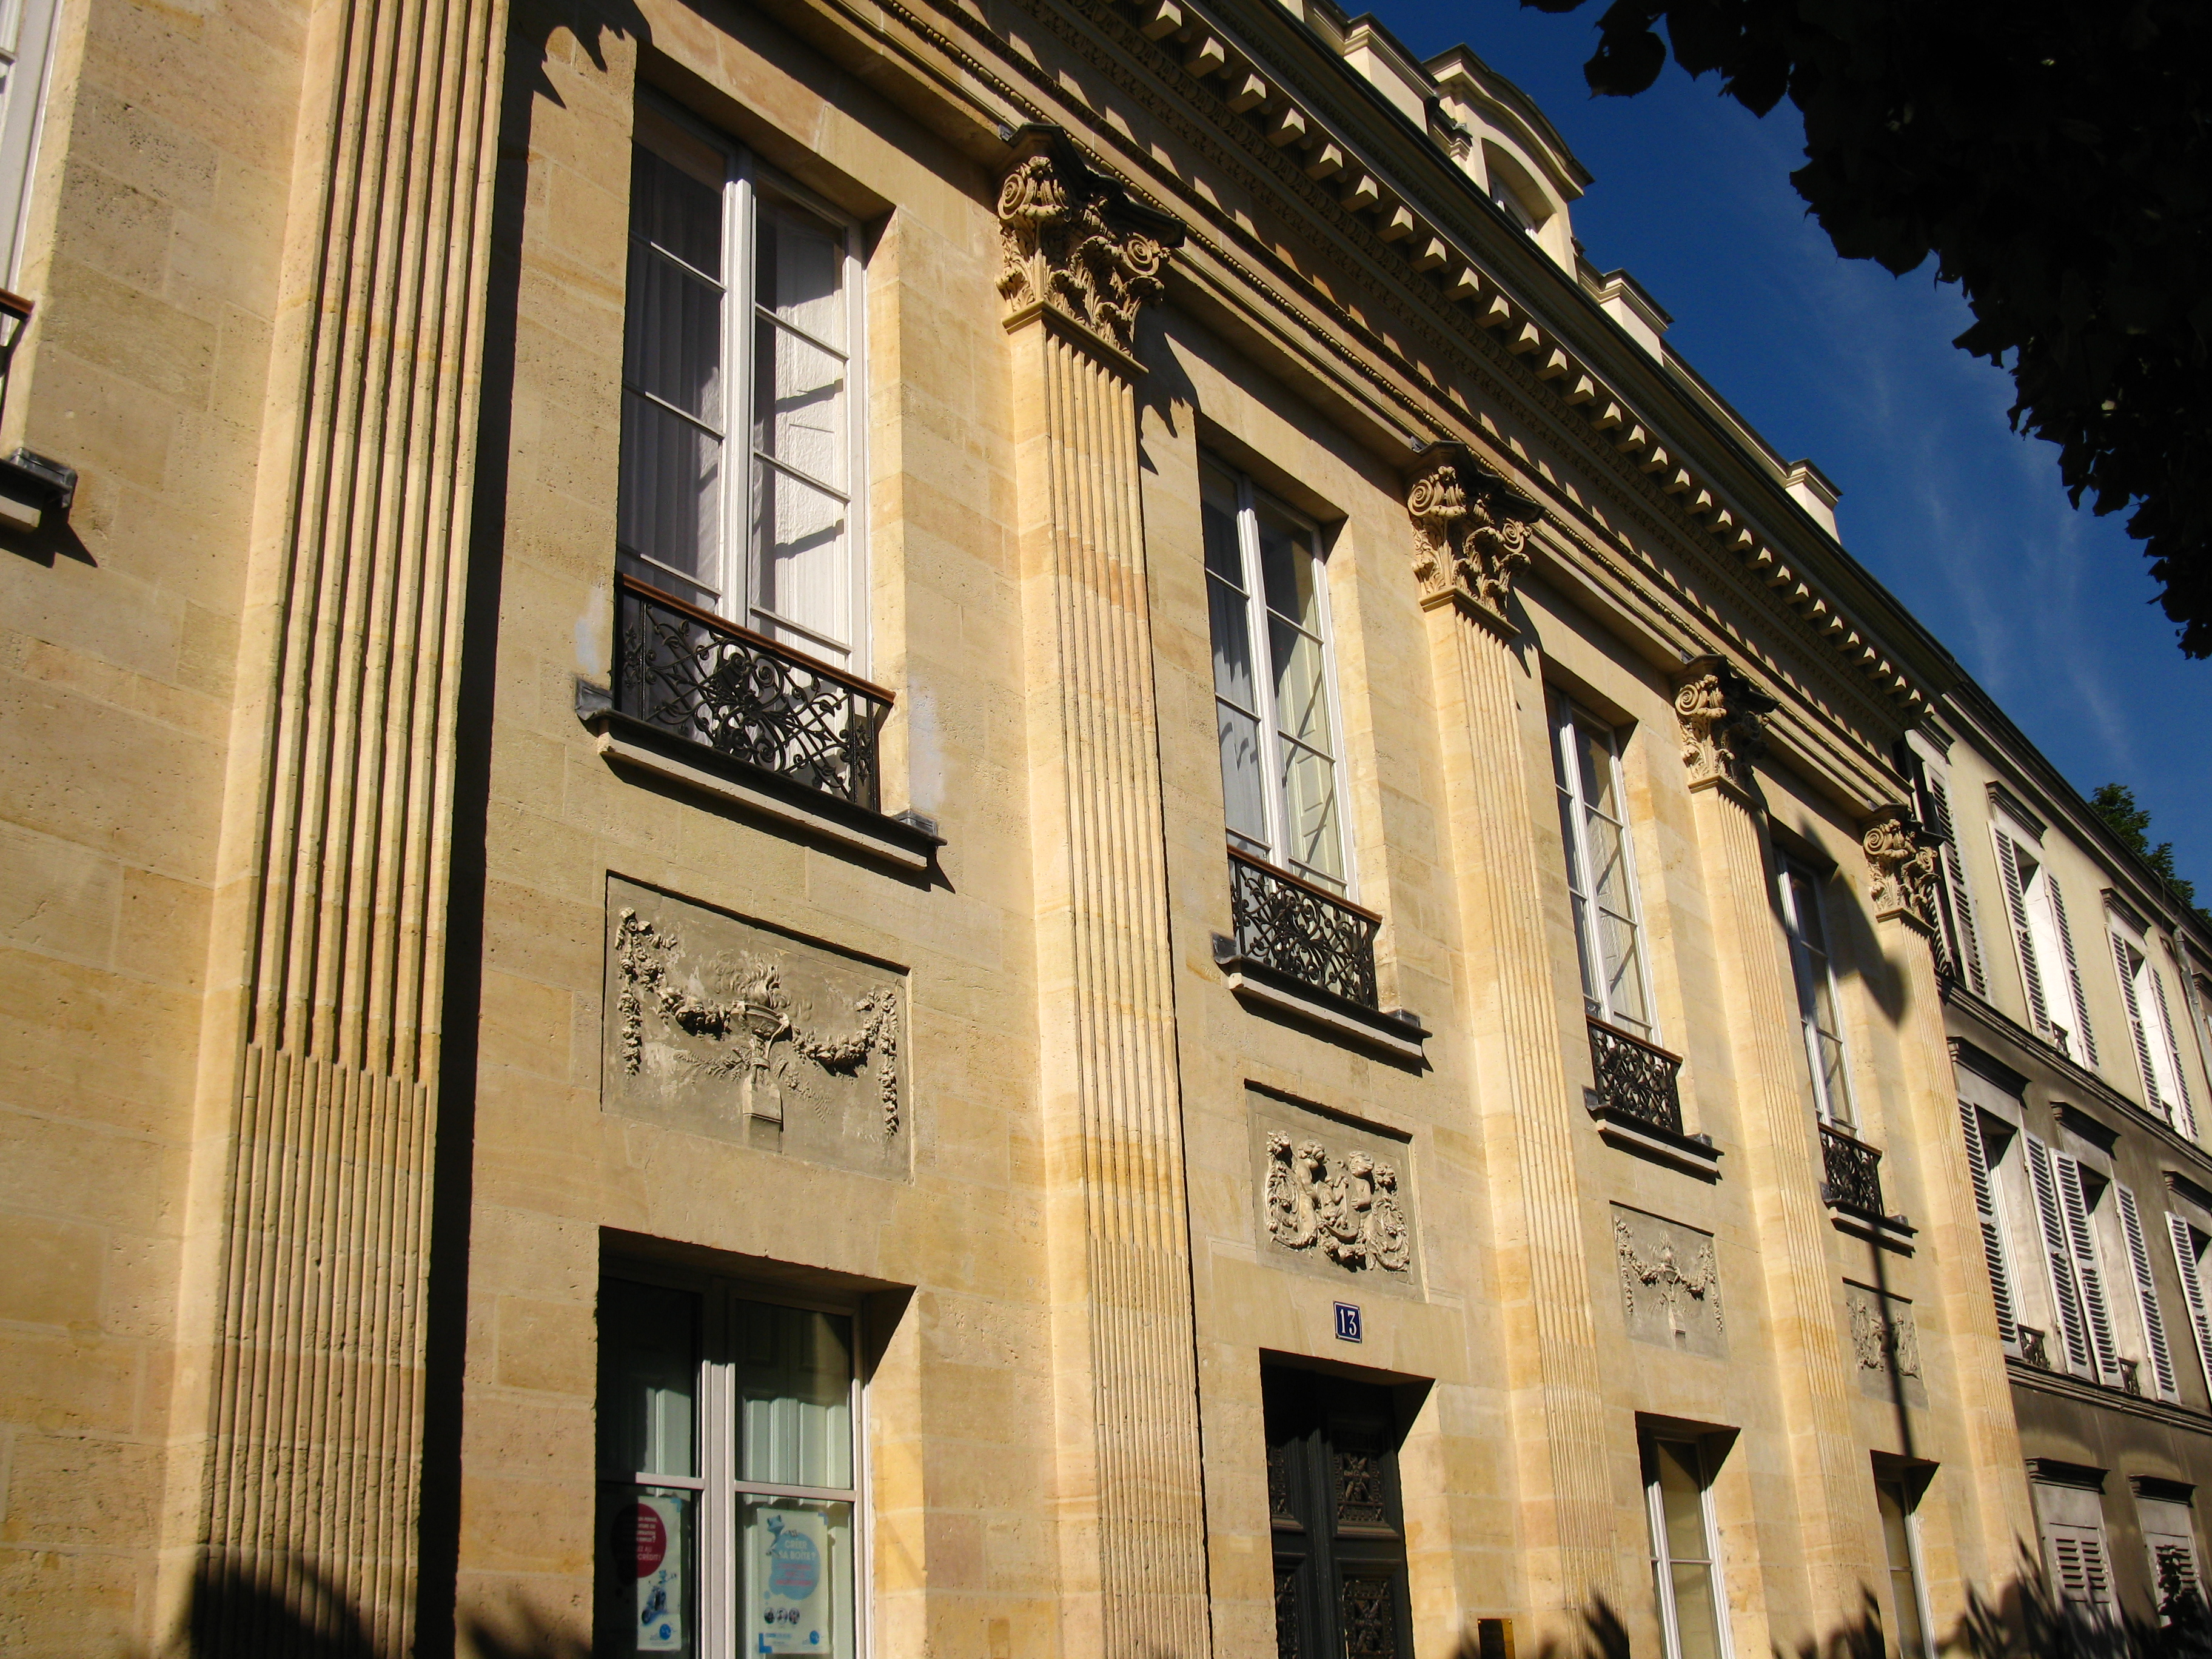 Les facades des maisons maisons de ville aux fa ades - Les facades des maisons ...